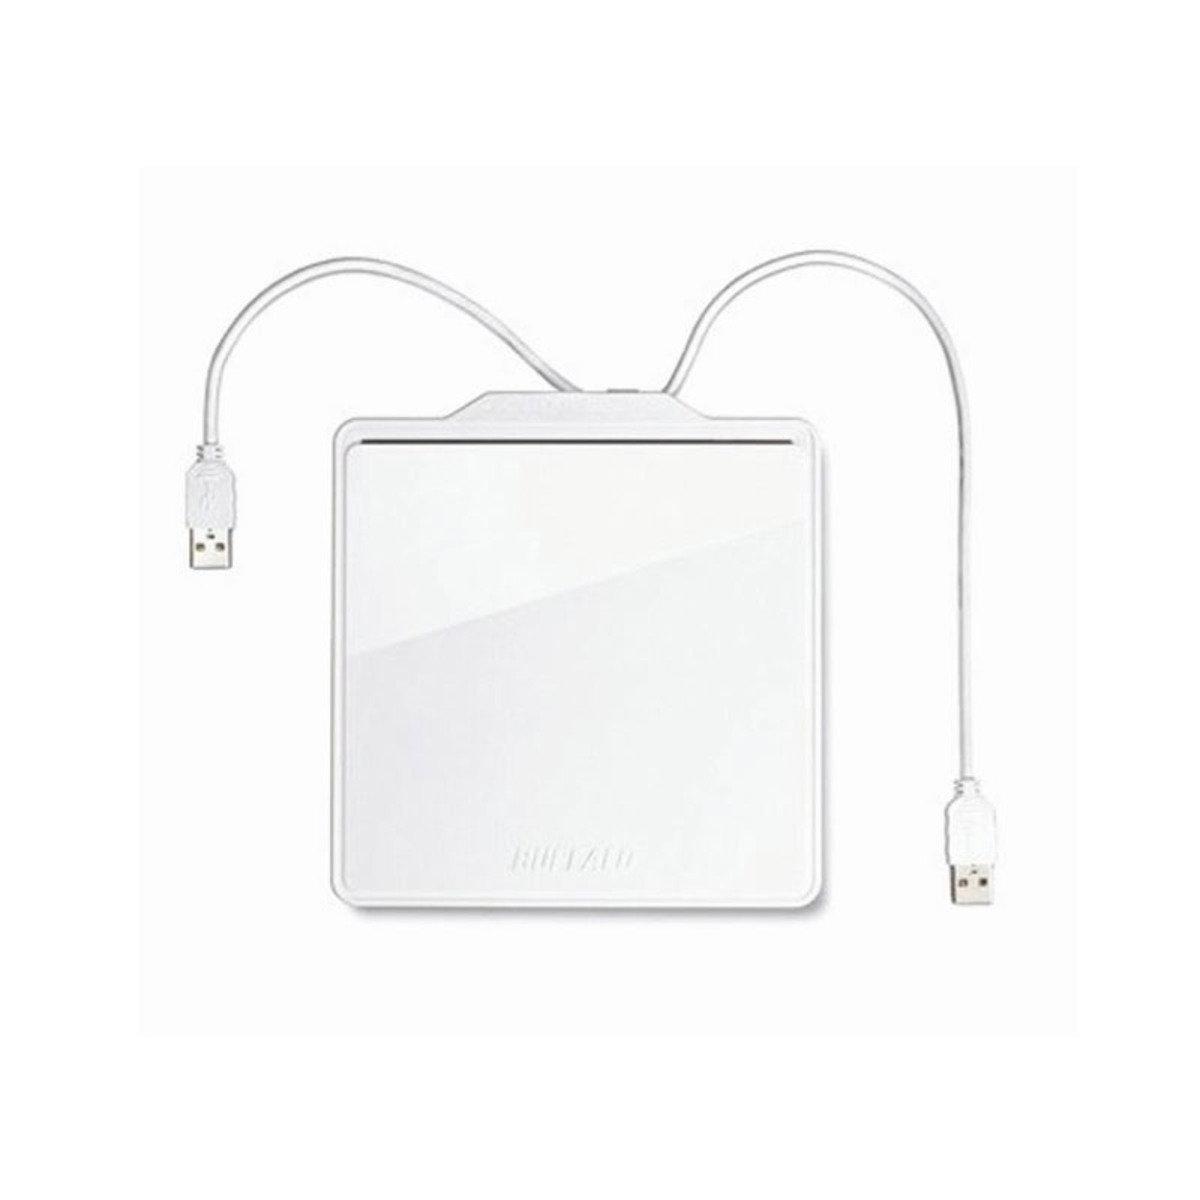 便攜式外置USB2.0 光碟燒錄機 PC58U2VW 白色